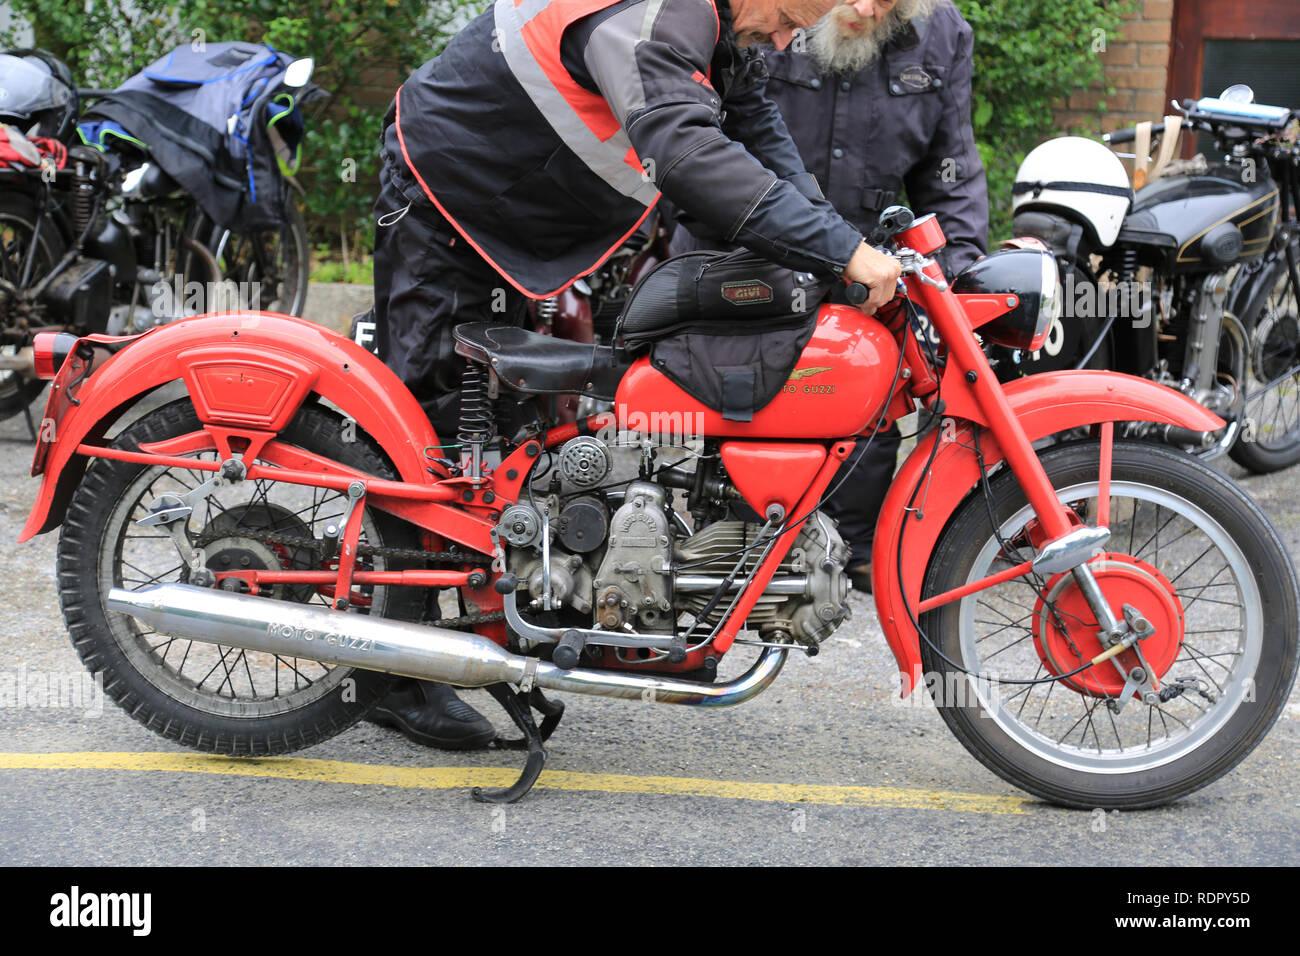 Vintage Classic italian motor cycle pour un cycle moteur de façon sauvage de l'Atlantique rallye, comté de Kerry, Irlande Banque D'Images